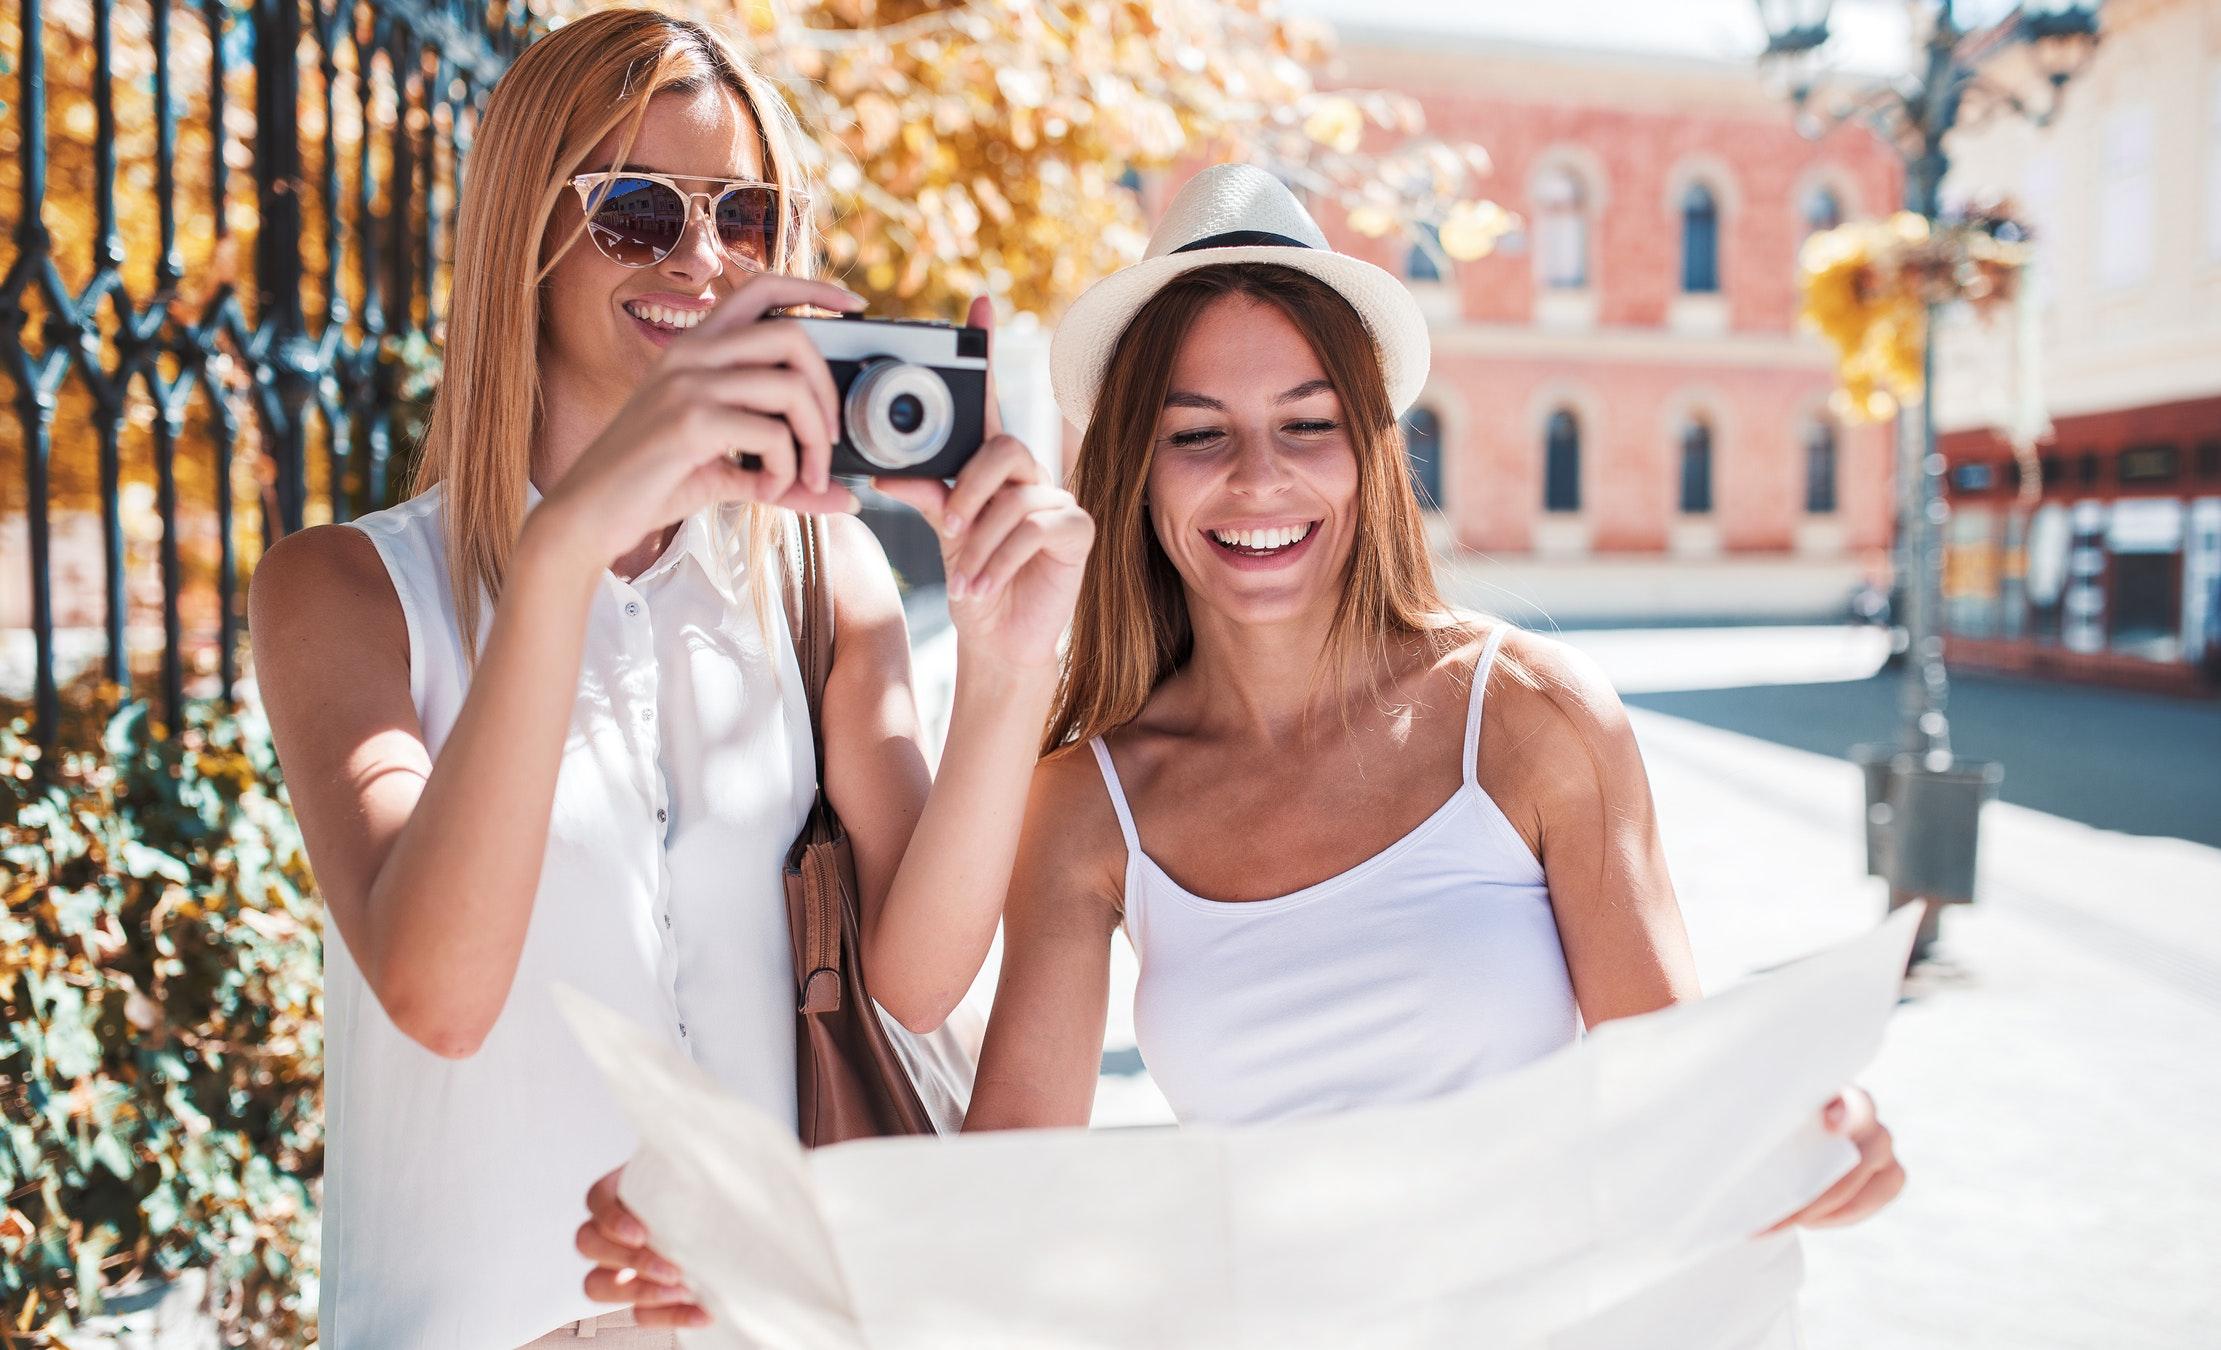 på nett dating app til enlige kvinder yngre 50 i esbjerg